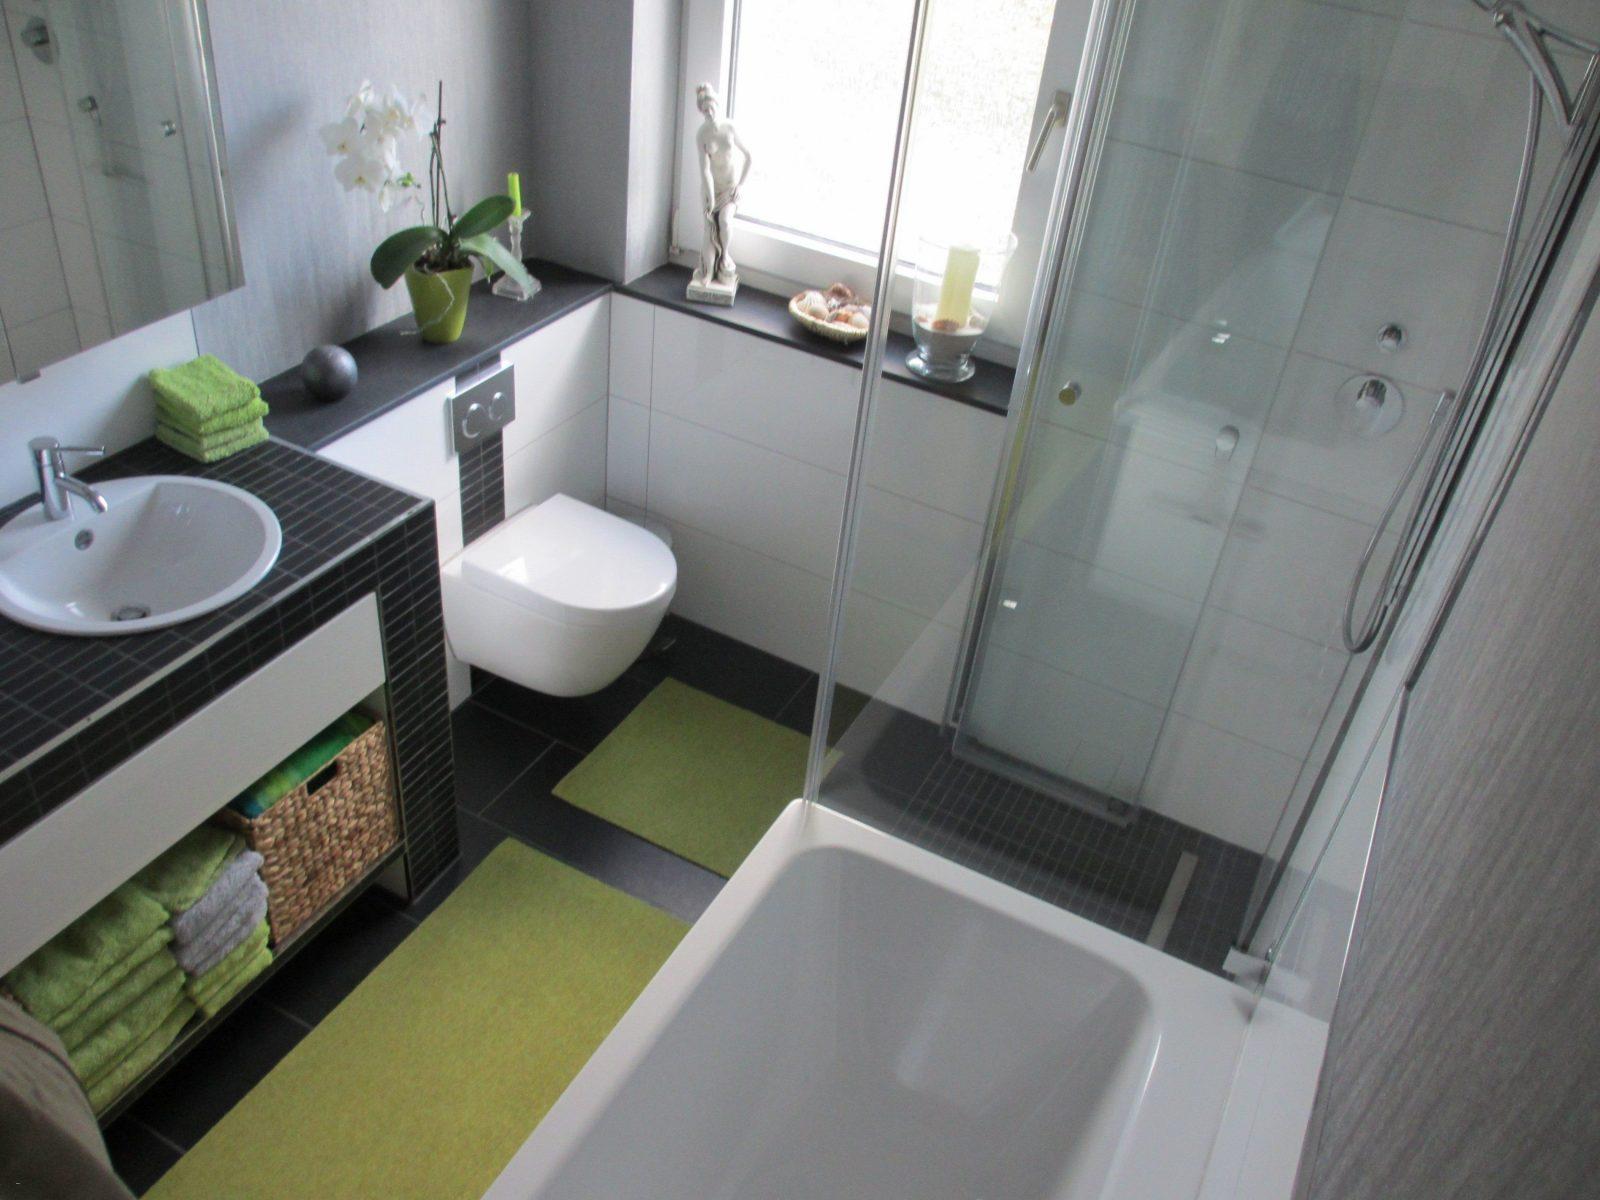 Kleines Bad Gestalten 4Qm Inspirierend Badezimmer 8 Qm – Vitaplazafo von Kleines Bad Gestalten 4Qm Photo